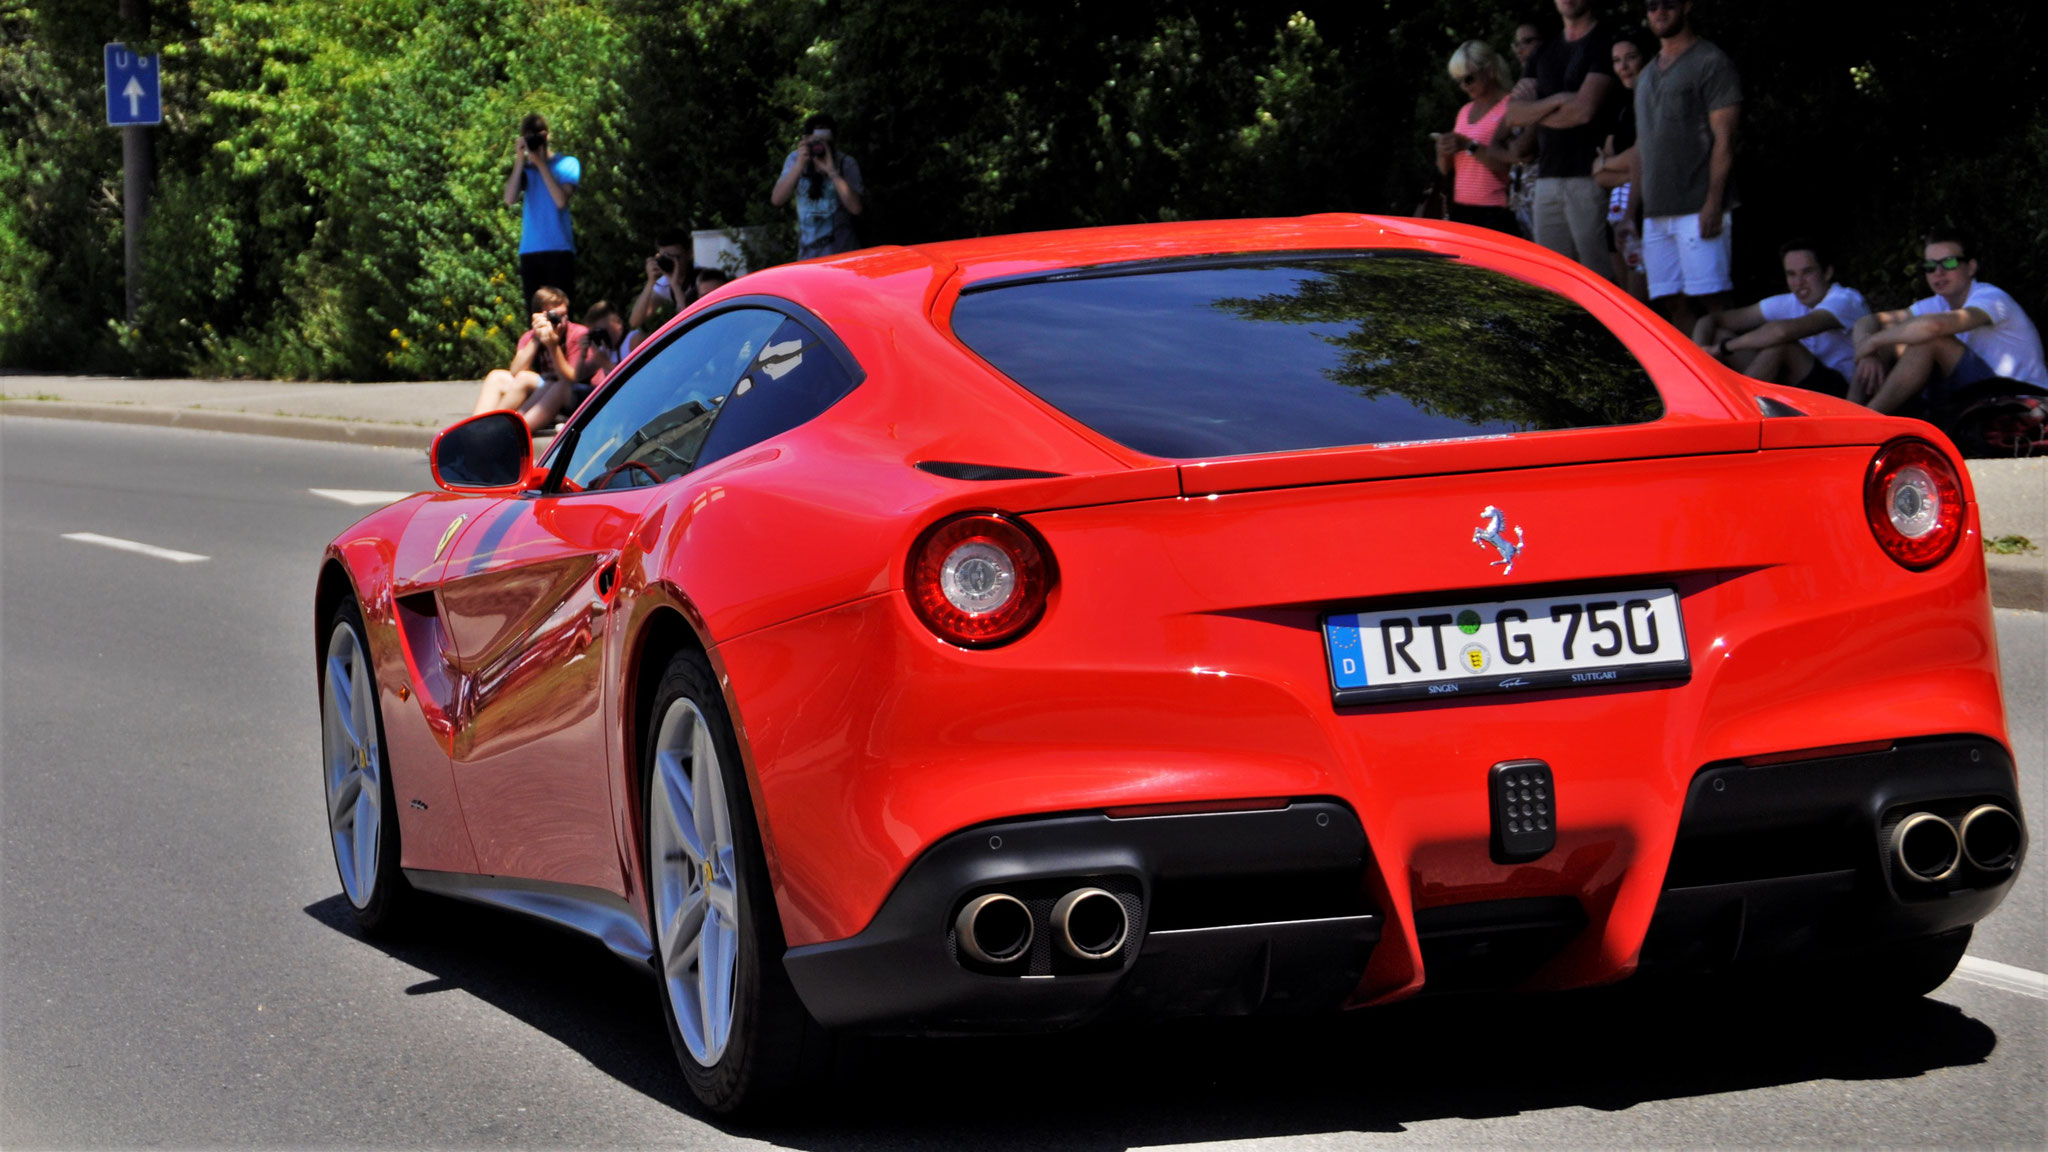 Ferrari F12 Berlinetta - RT-G-750